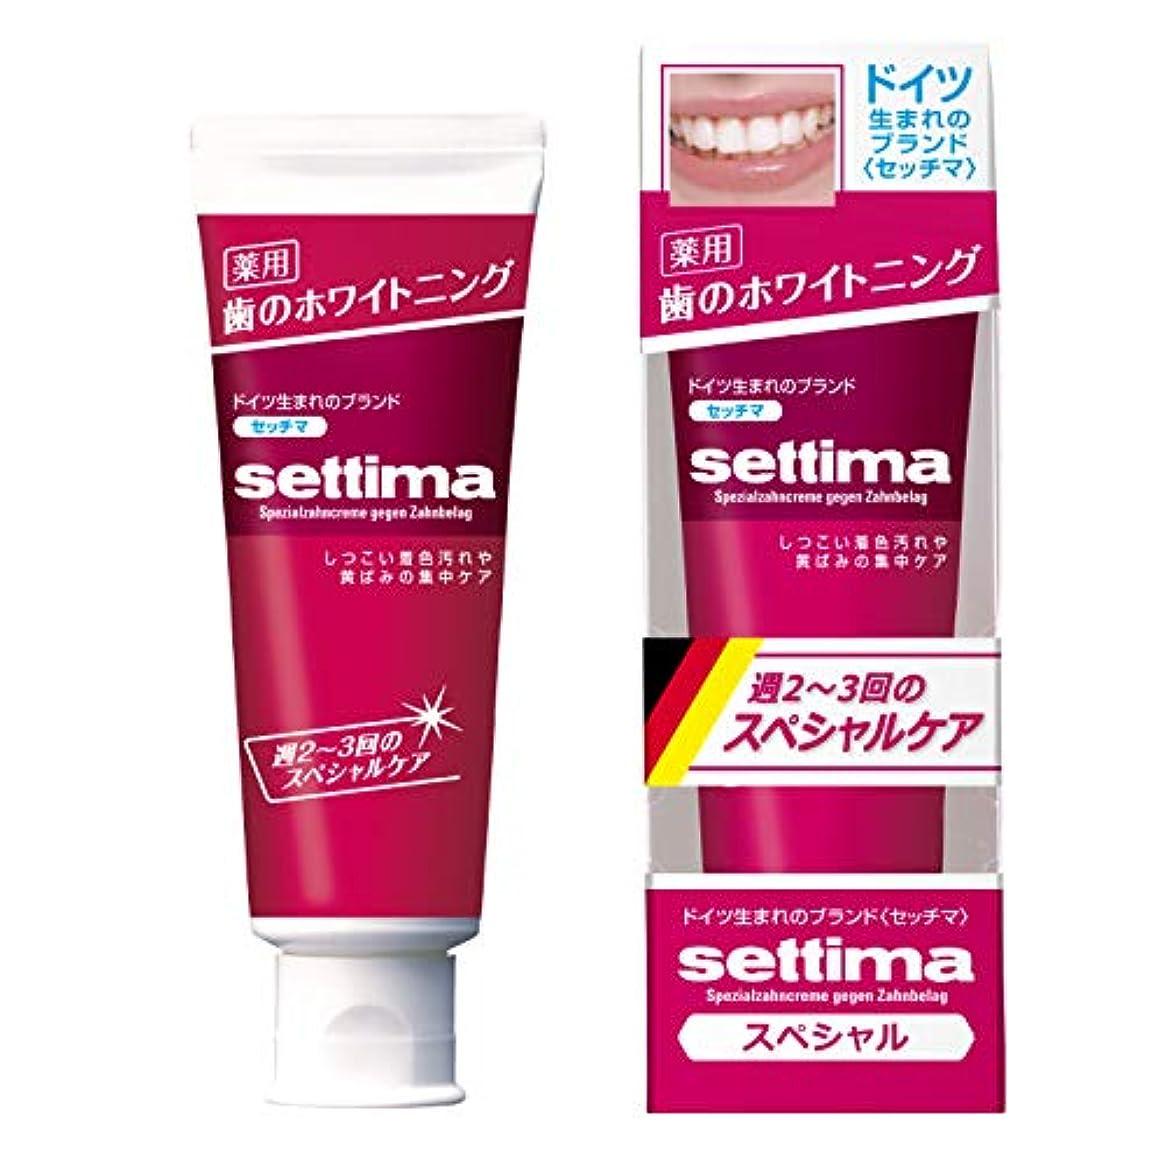 経済的お香市区町村settima(セッチマ) ホワイトニング 歯みがき スペシャルケア [ペパーミントタイプ] 80g